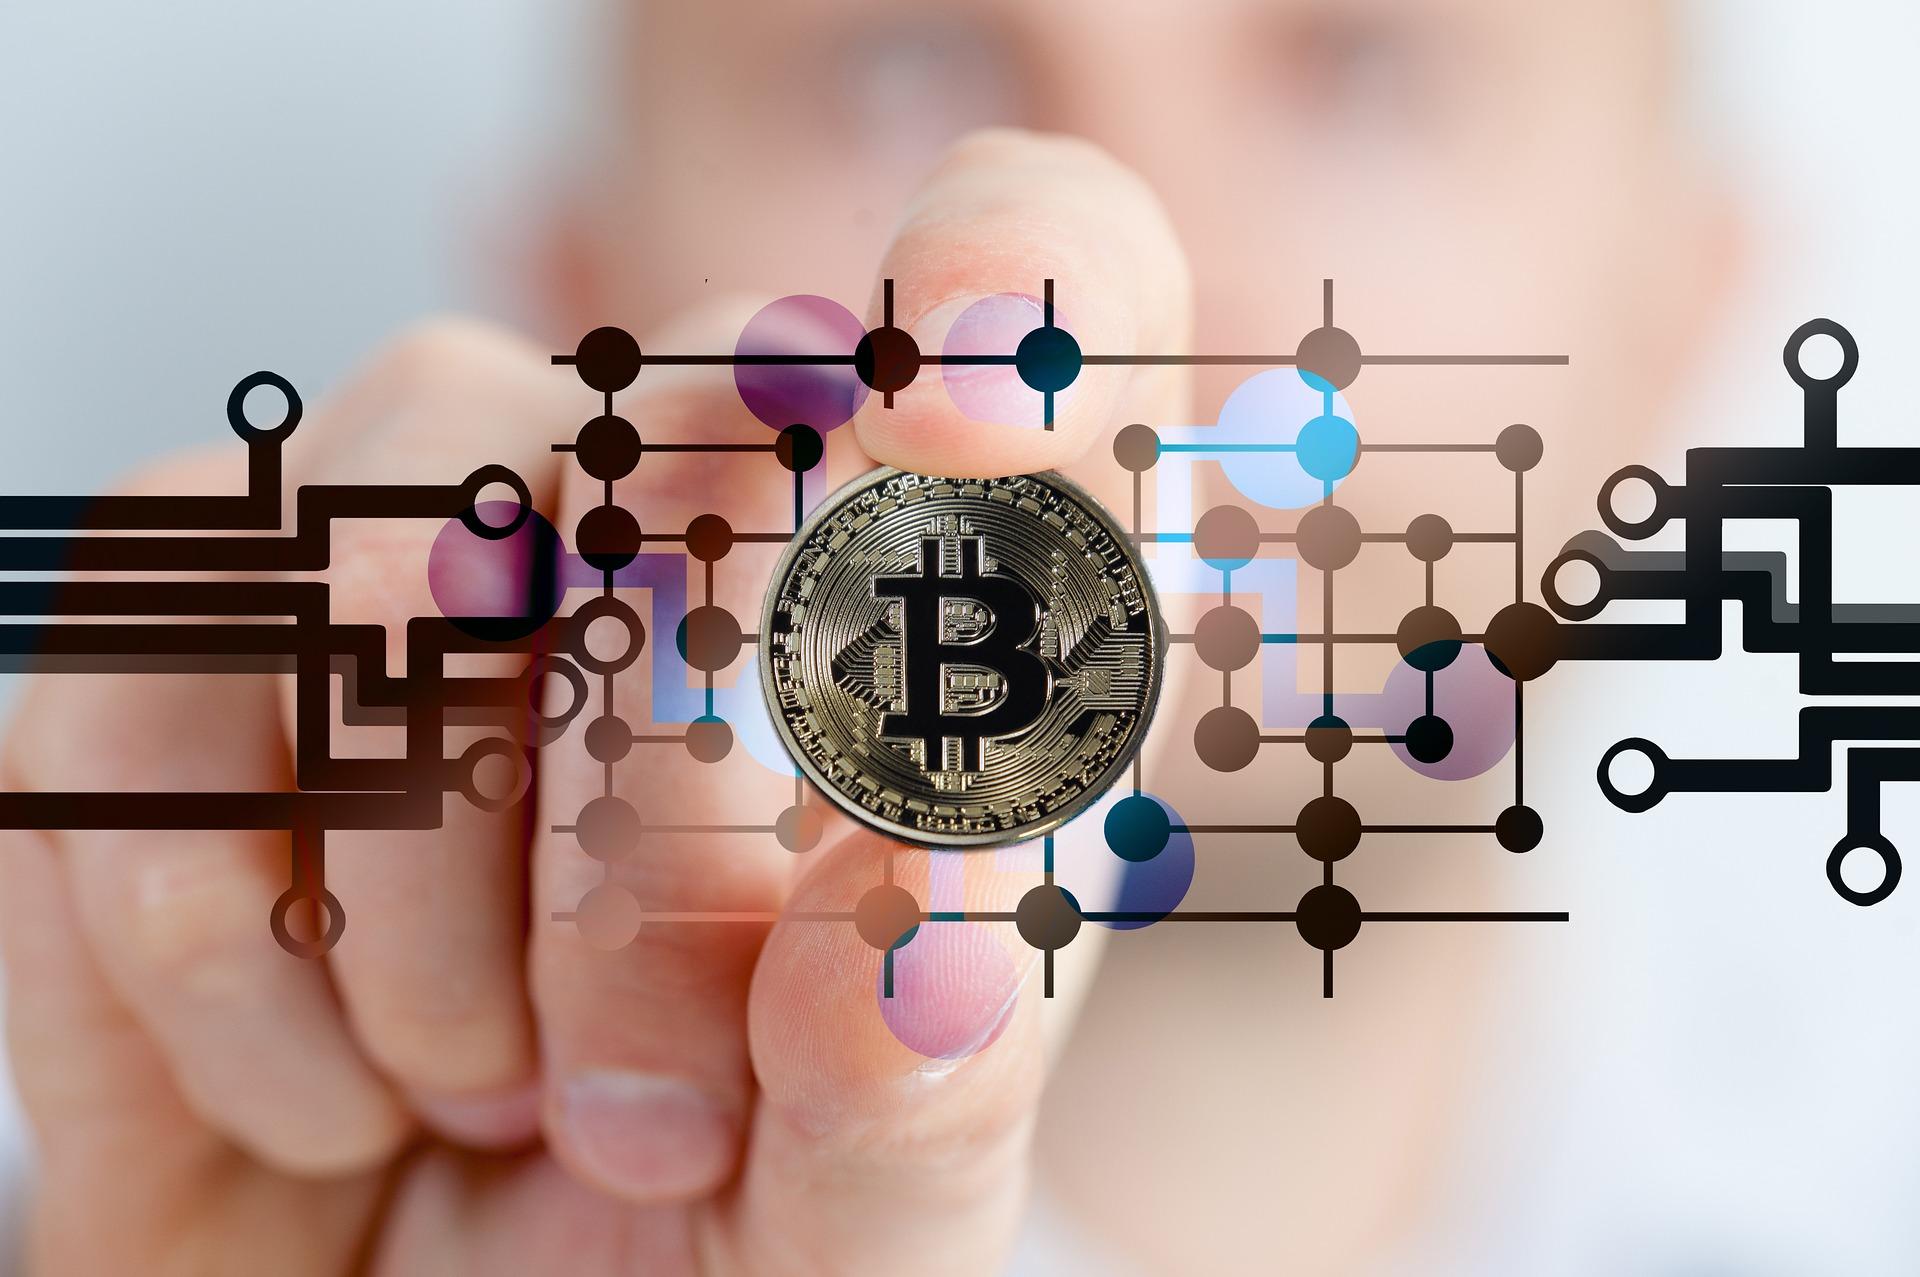 cadenas de suministro blockchain